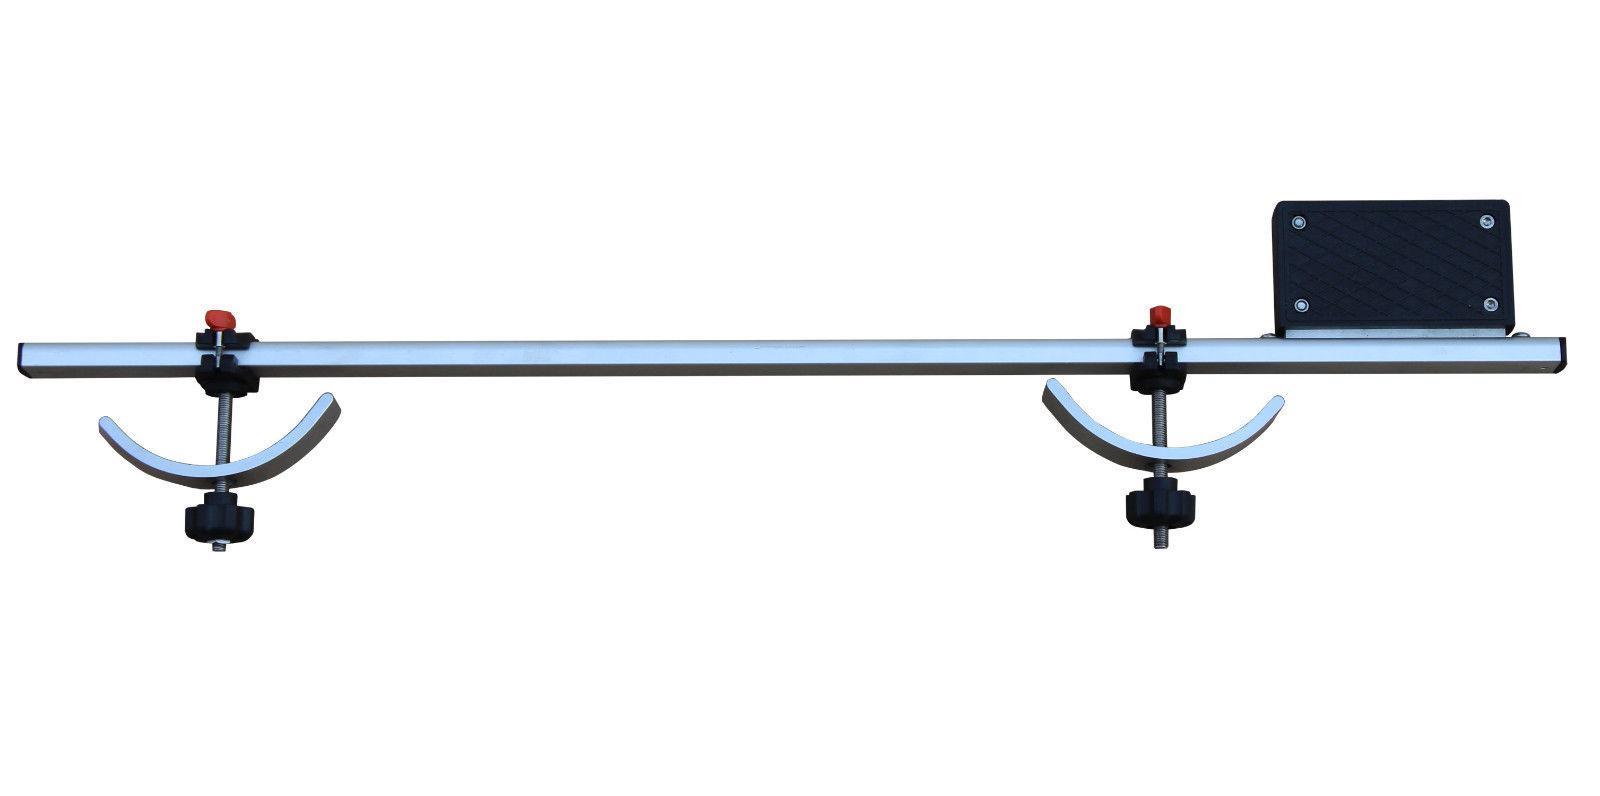 Brocraft Canoe / Canoe motor mount outboard motor